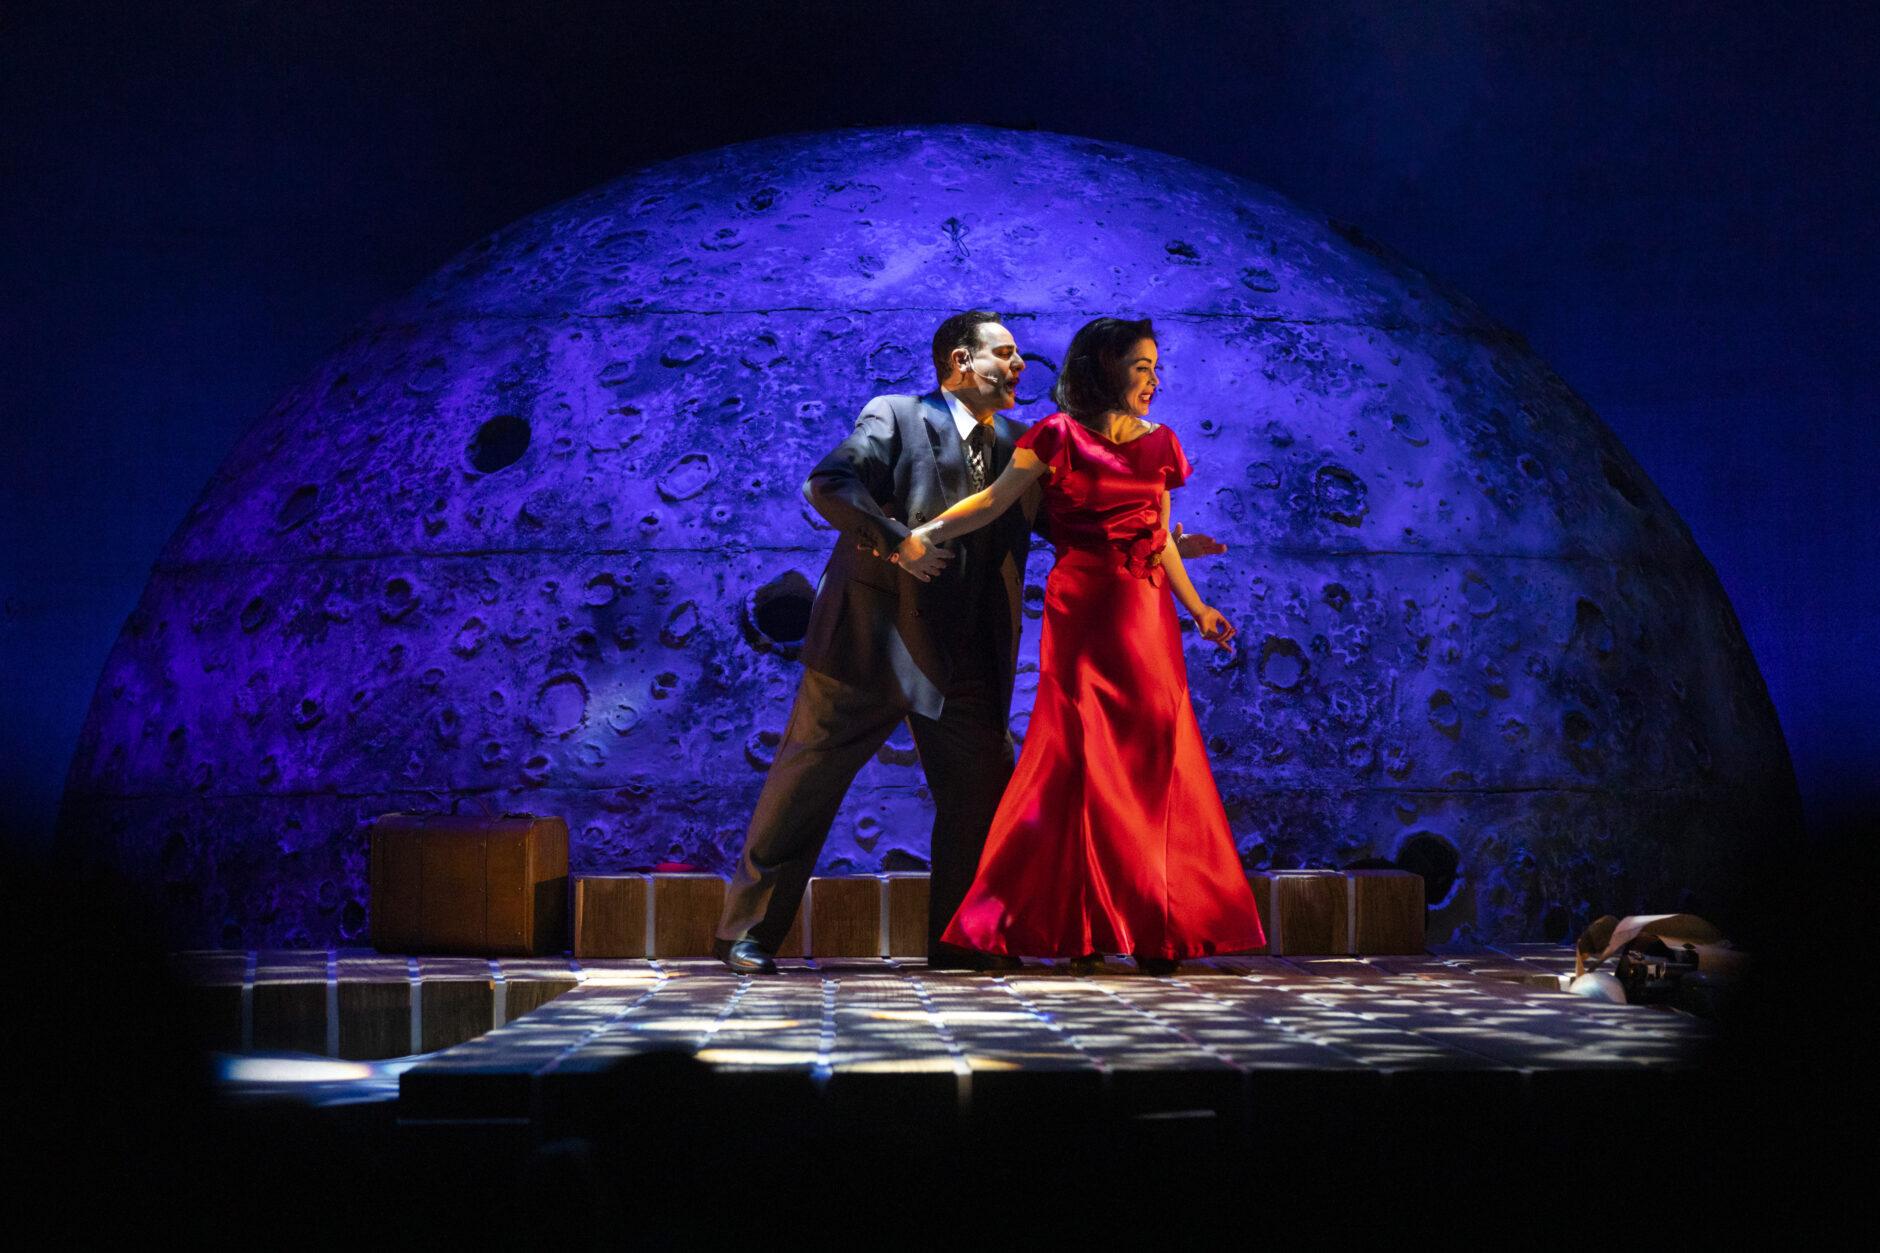 Antoine, el musical - La increíble historia del creador de El Principito 2